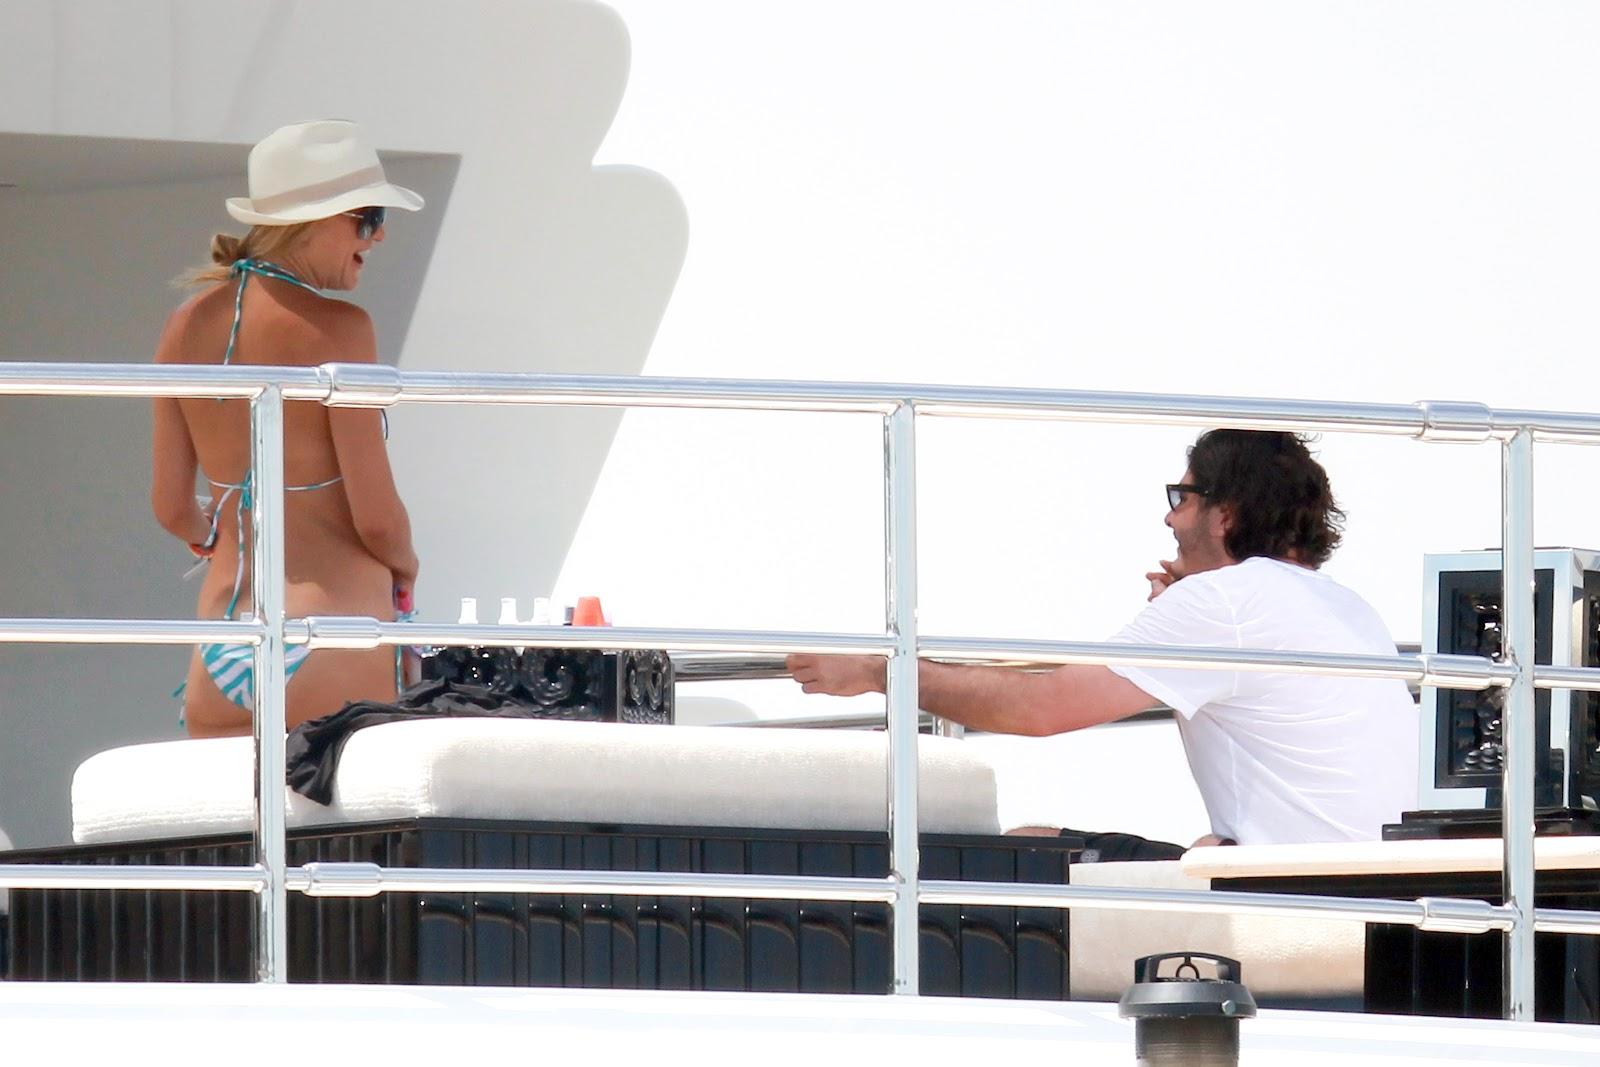 http://3.bp.blogspot.com/-Wu3DXSyTeCY/T-joeUfKX1I/AAAAAAAAJX0/96ttgrQQwOo/s1600/Kate+Hudson+Blue+Bikini+on+a+Yacht+-06.jpg